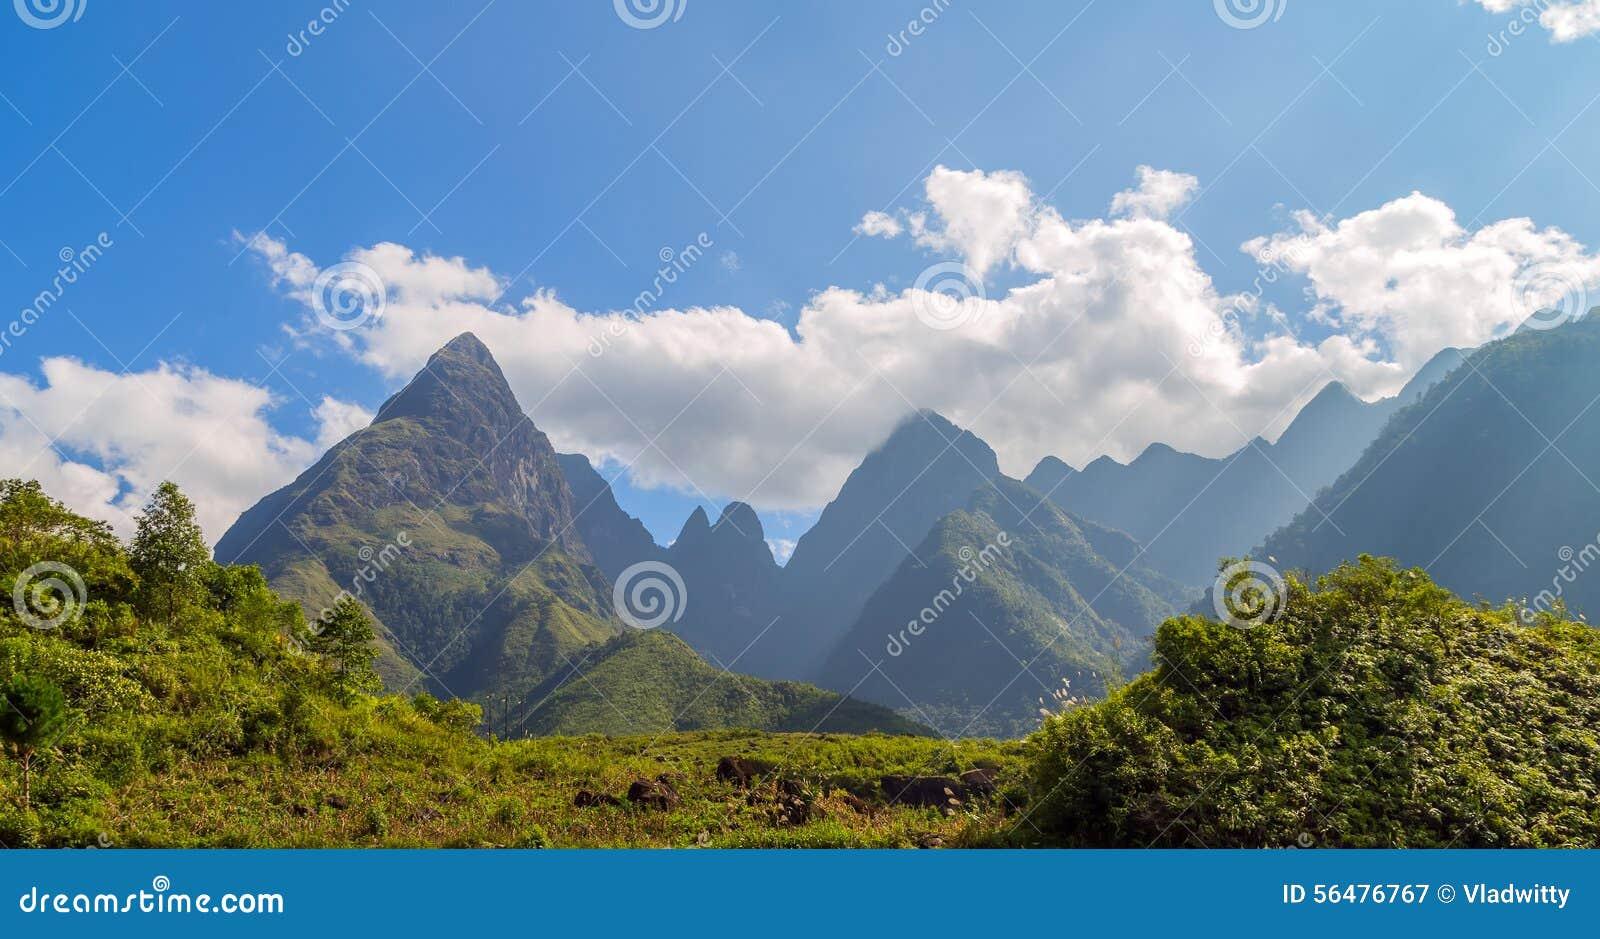 Montagne de Fansipan